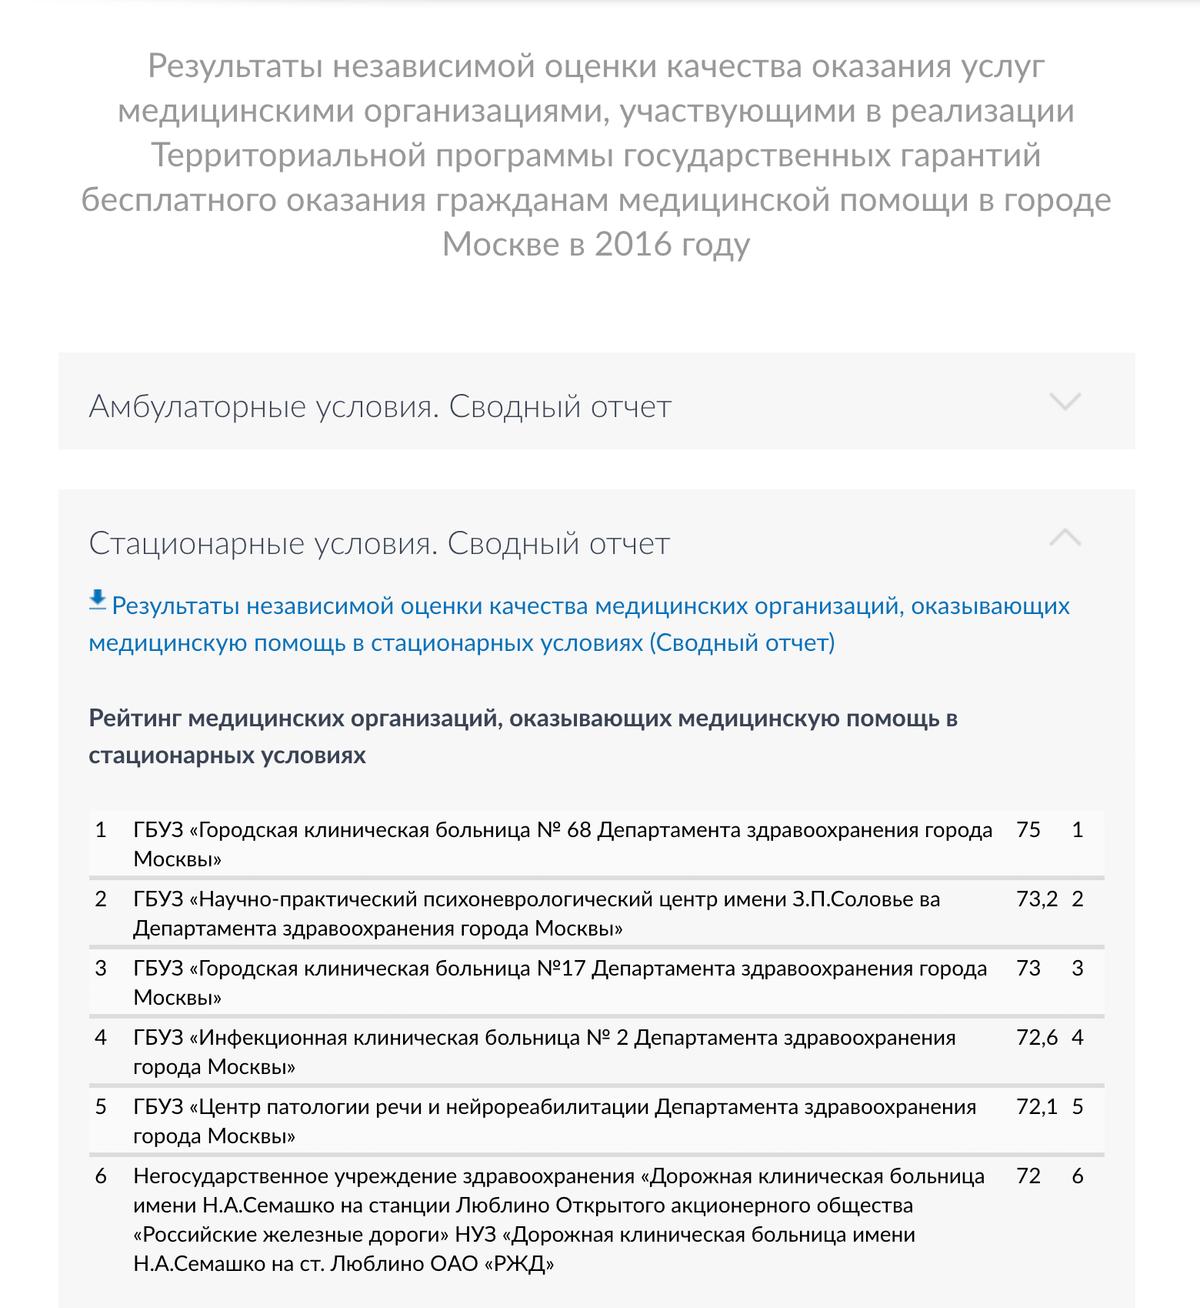 Вкладка «Стационарные условия» — рейтинг больниц, «Амбулаторные условия» — поликлиник. Скриншот сайта «Мосгорздрав-ру»